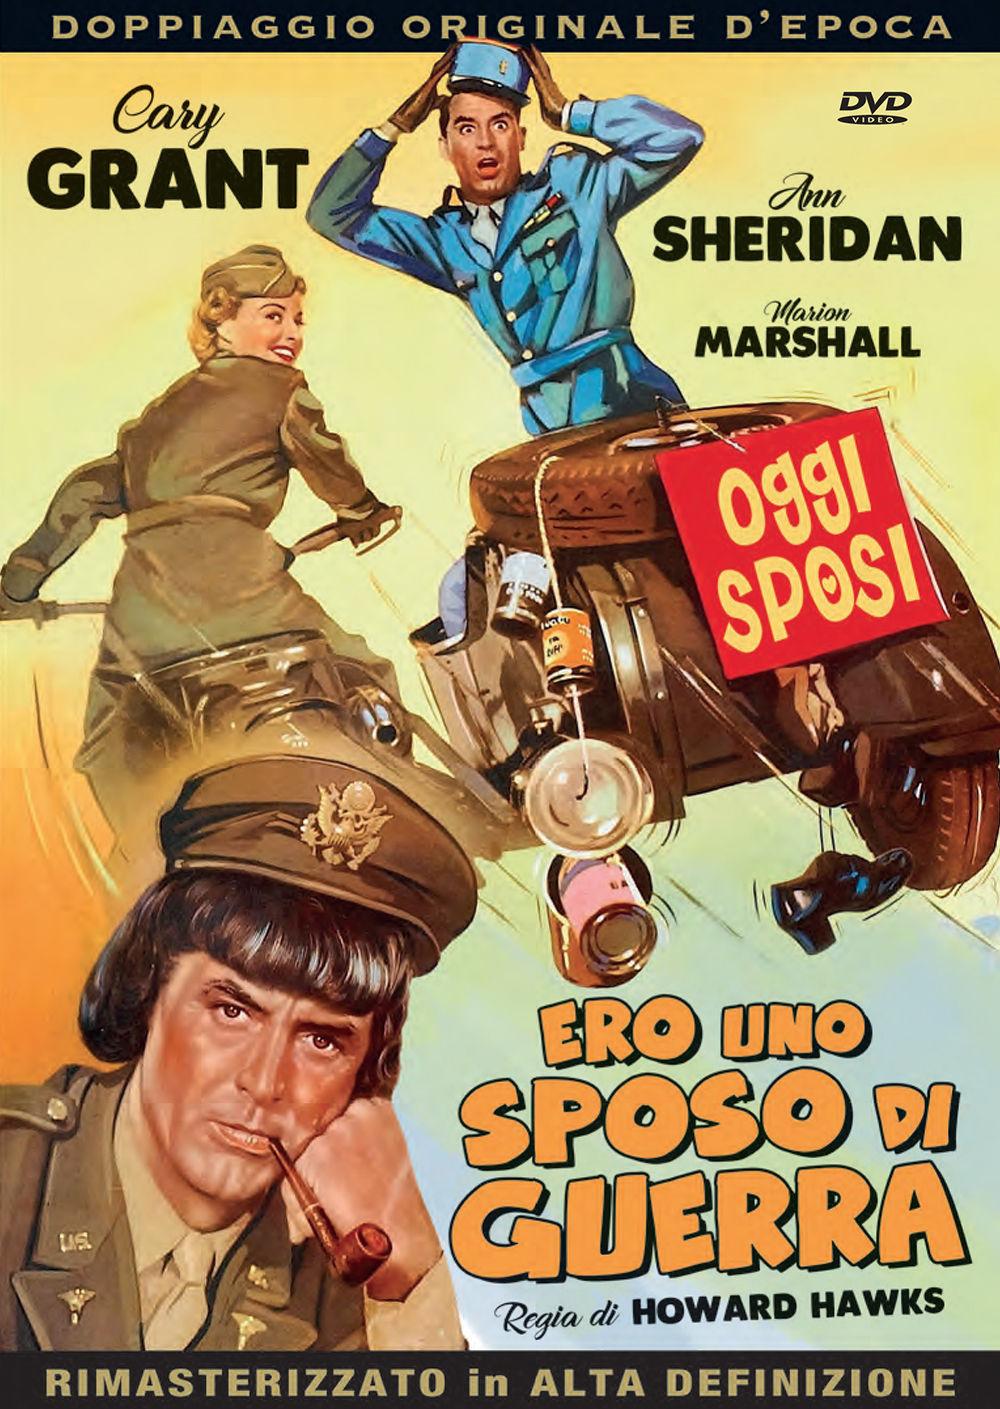 ERO UNO SPOSO DI GUERRA (DVD)